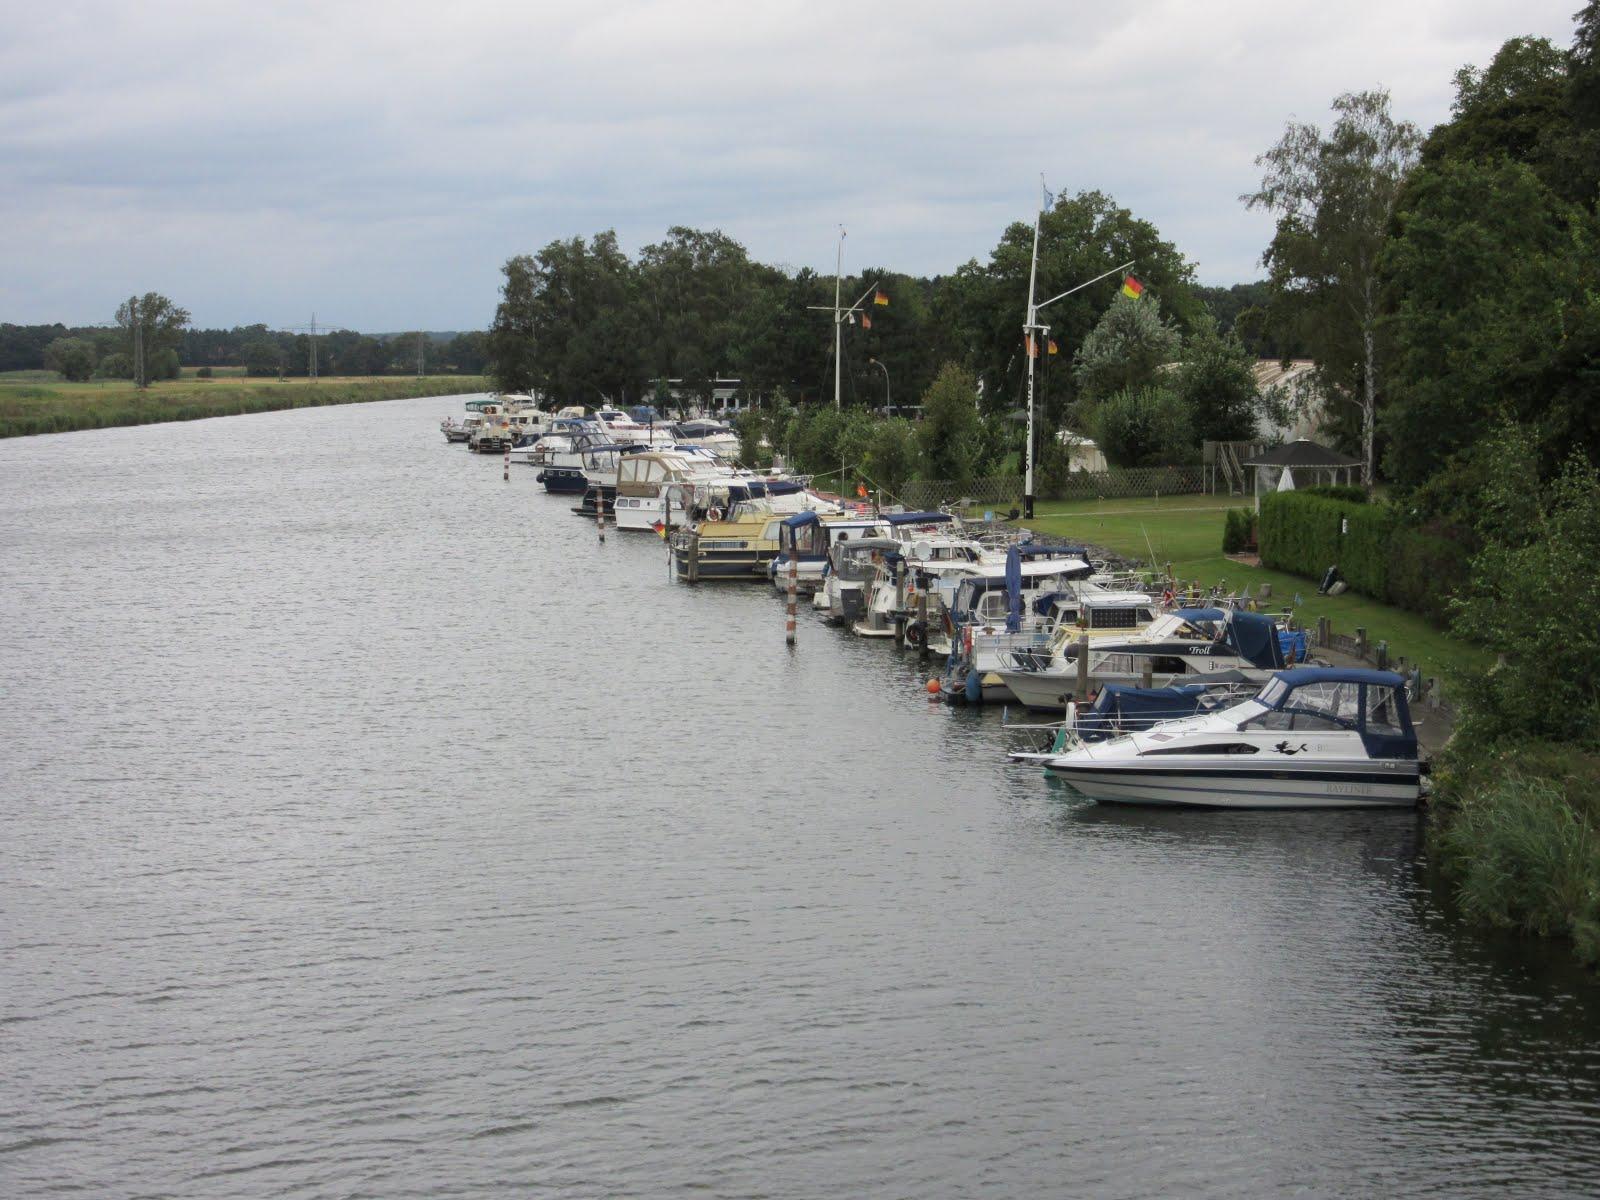 Yachthafen Osnabrück